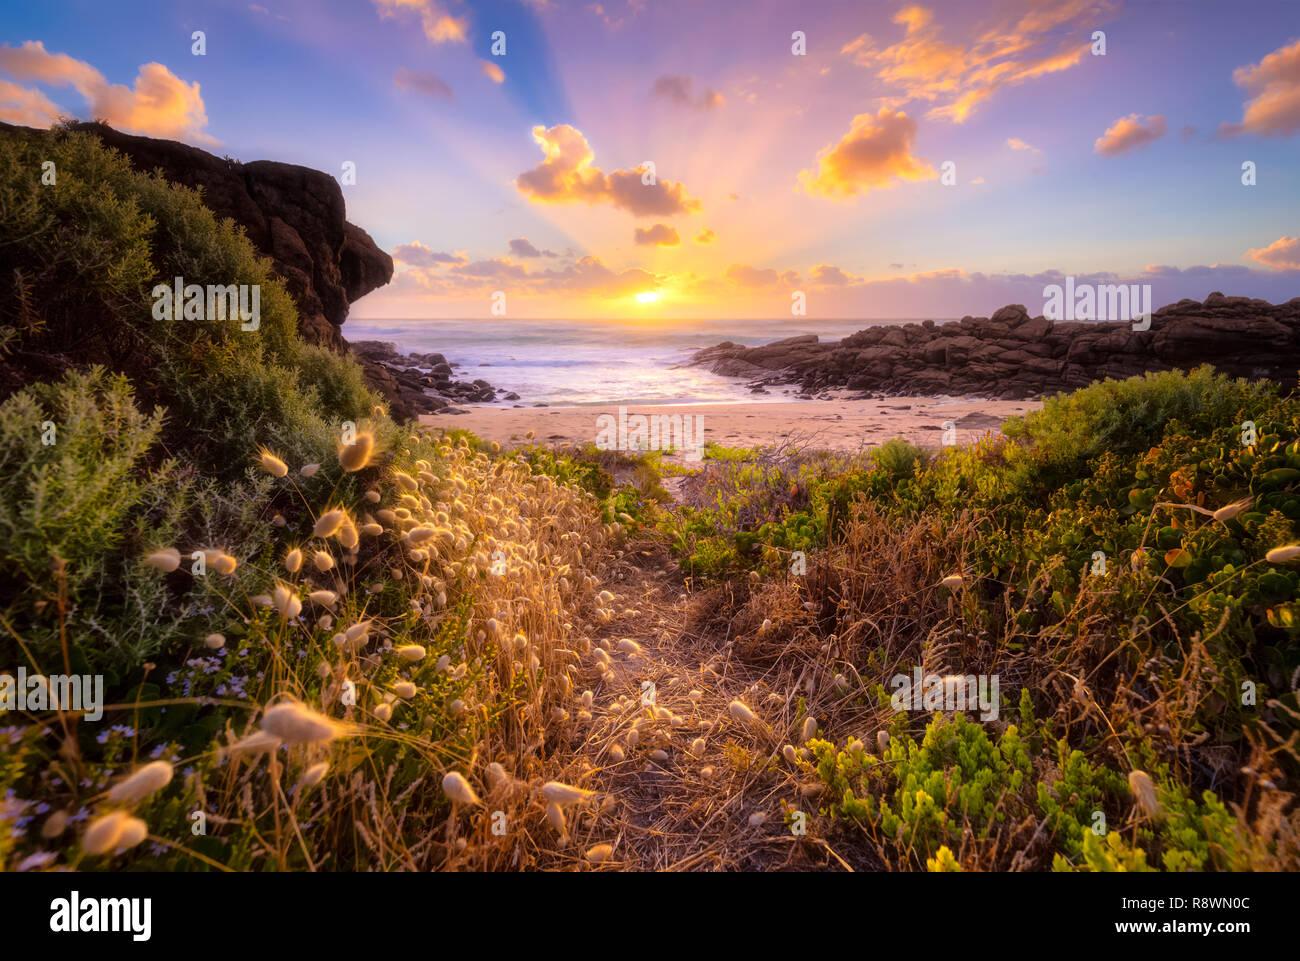 Verträumt beachscape Stockbild